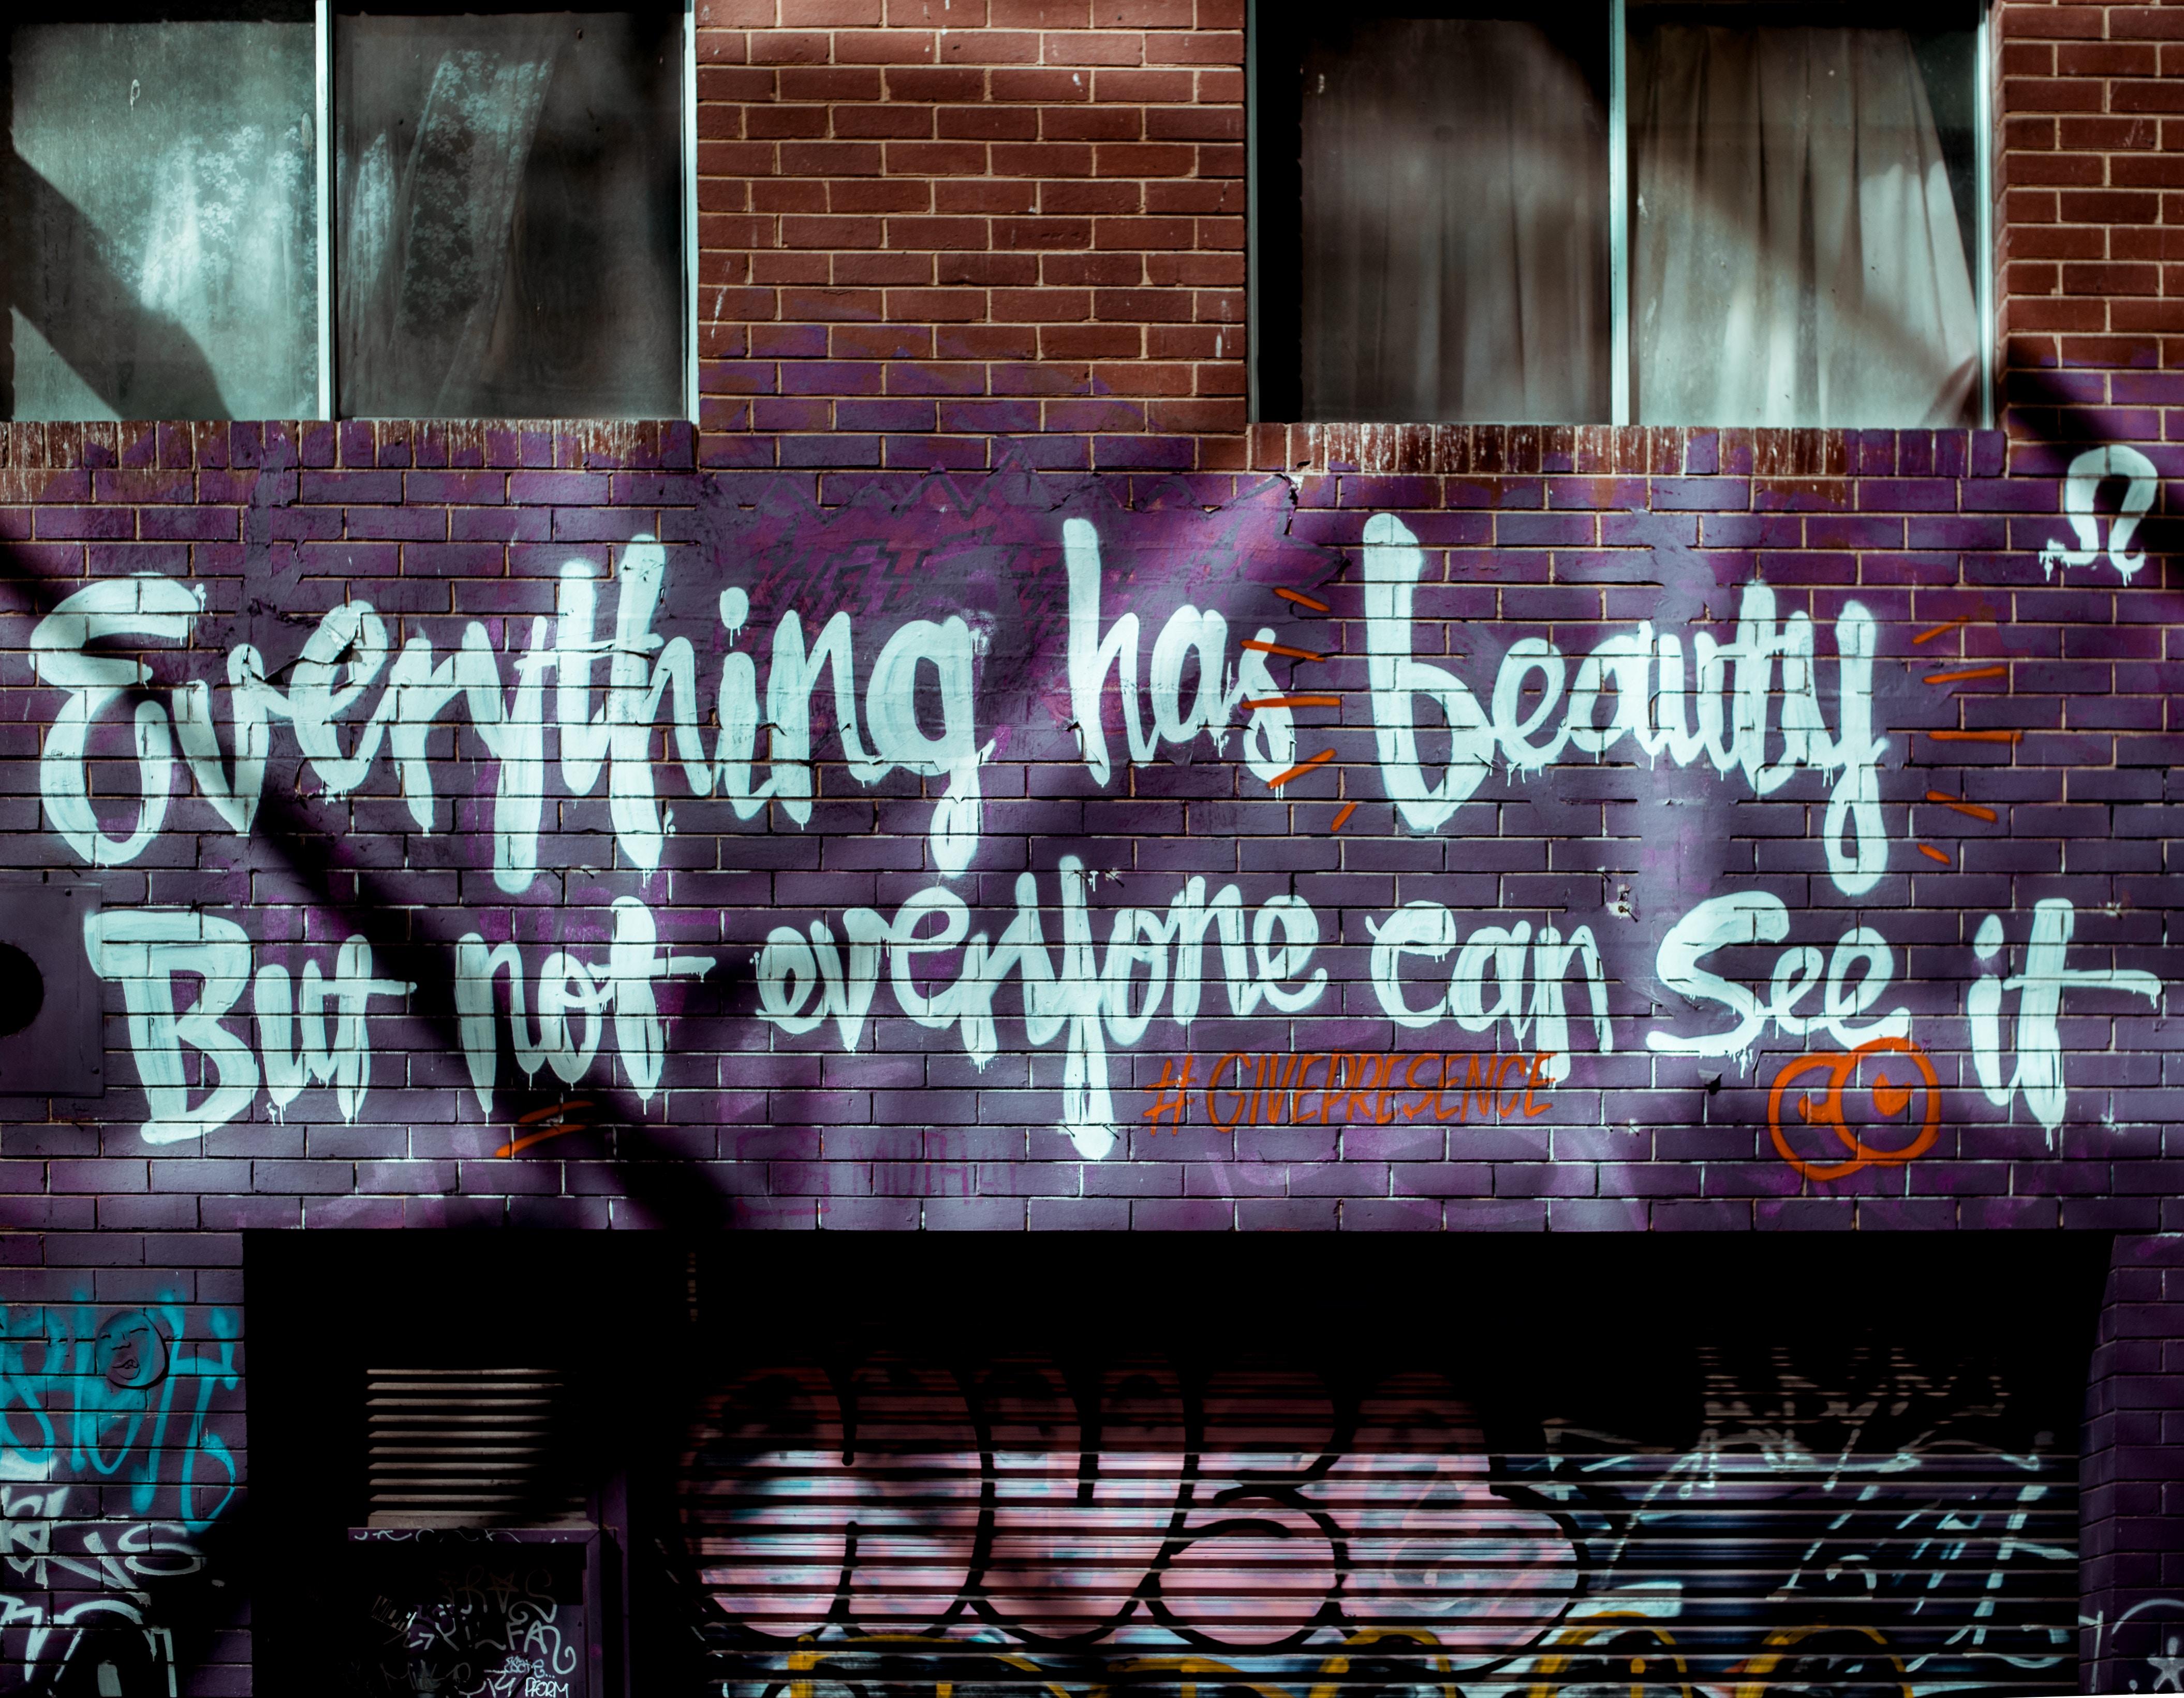 Tout contient de la beauté, mais ce n'est pas tout le monde qui peut la voir